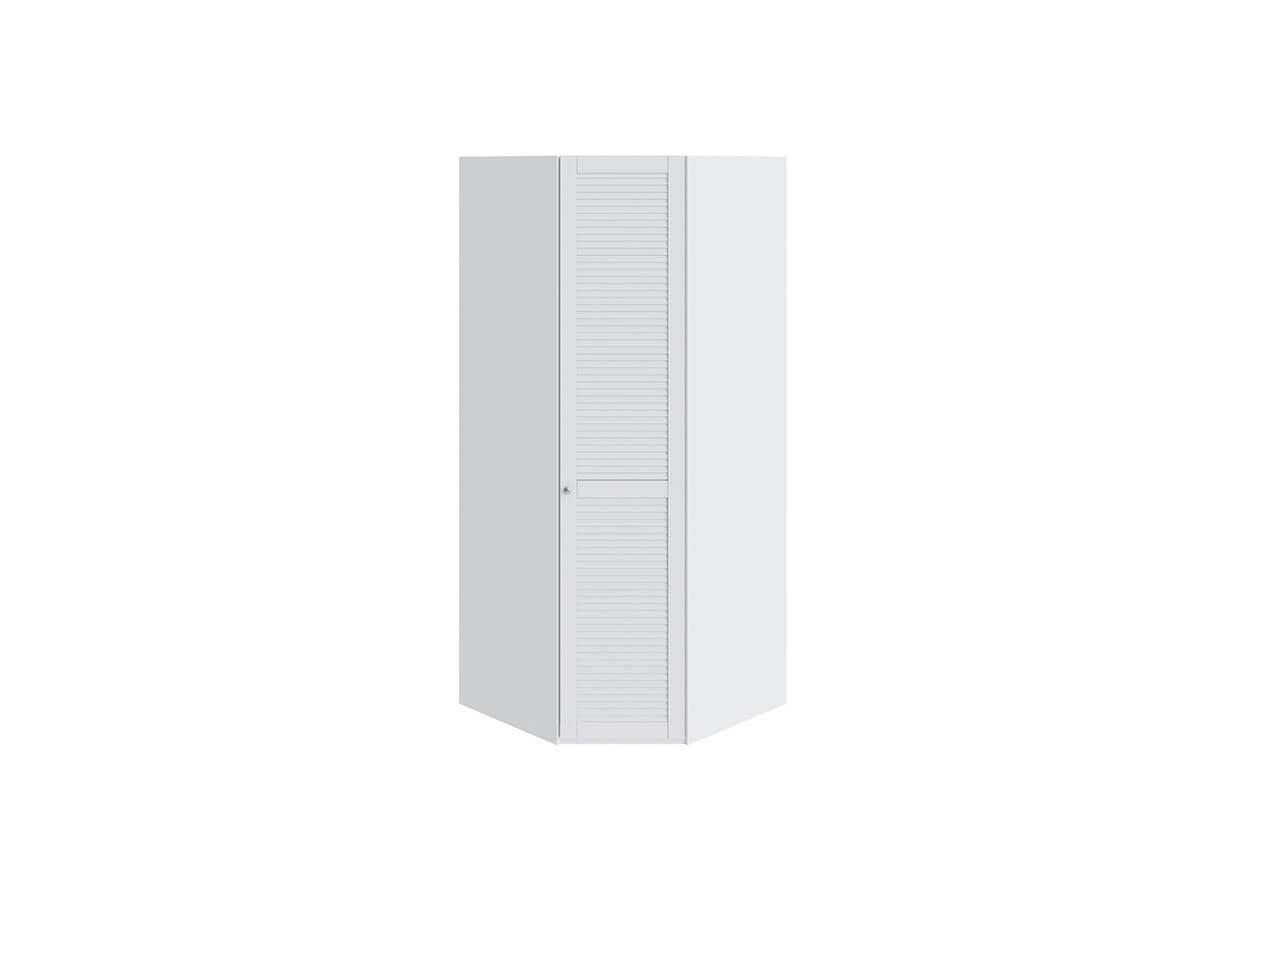 Шкаф угловой с 1-ой дверью правый Ривьера СМ 241-23-003R 764х764х2111